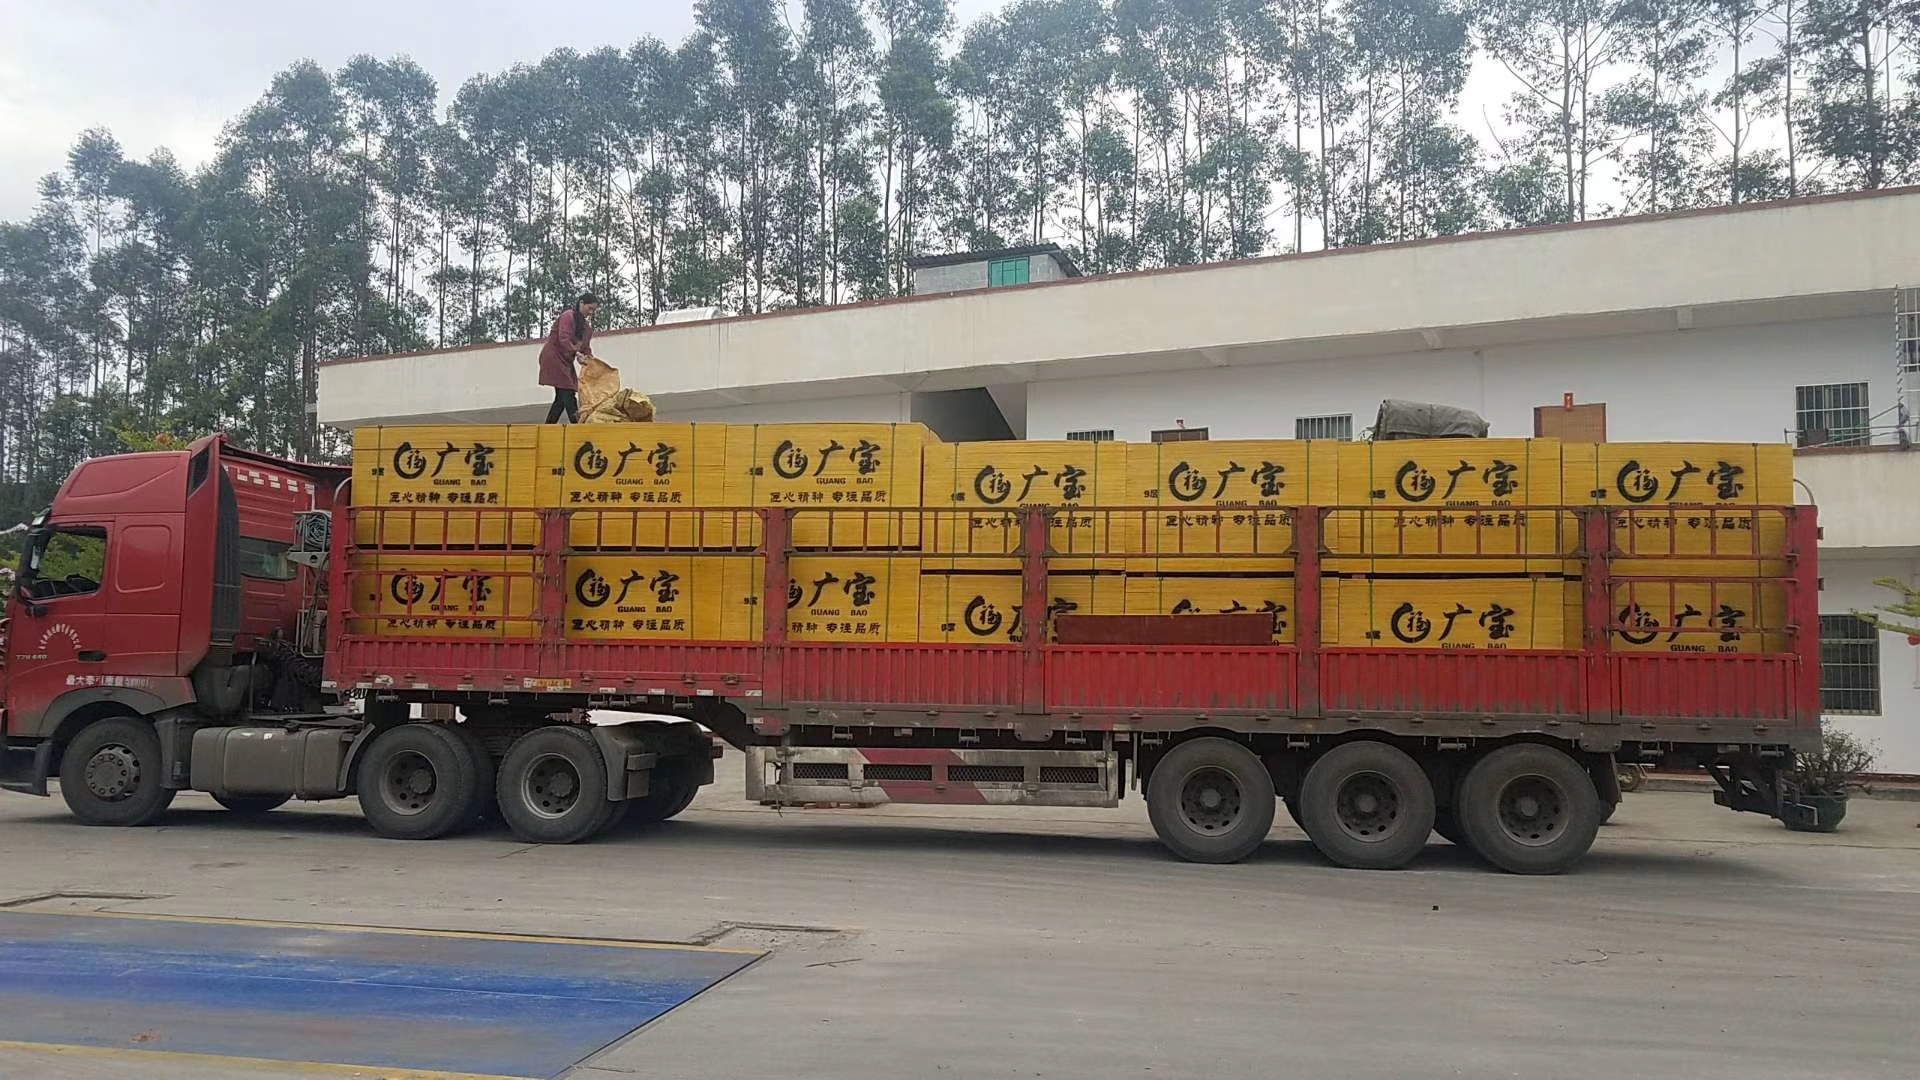 建筑模板  酚醛面红板  广福木业覆膜板胶合板广西红板建筑模板示例图5